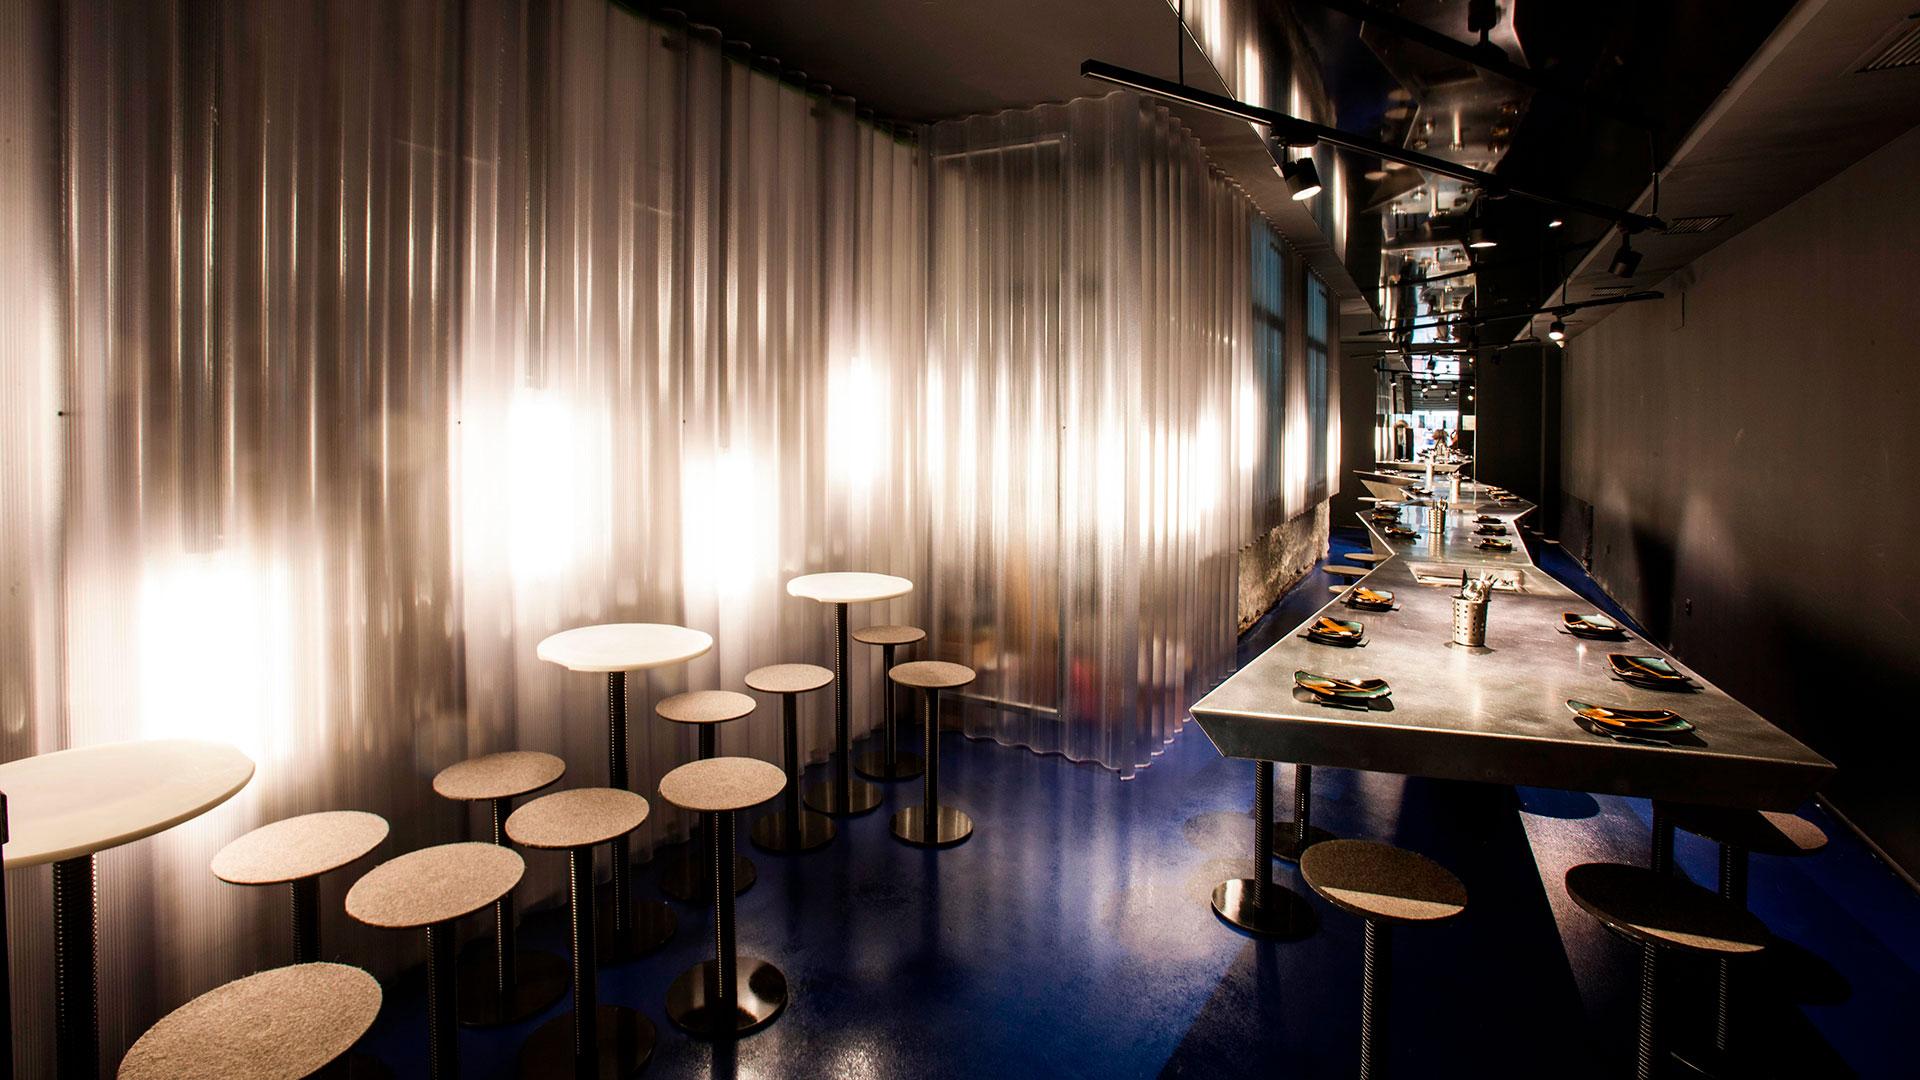 Imágenes del restaurante peruano Barra M en Madrid